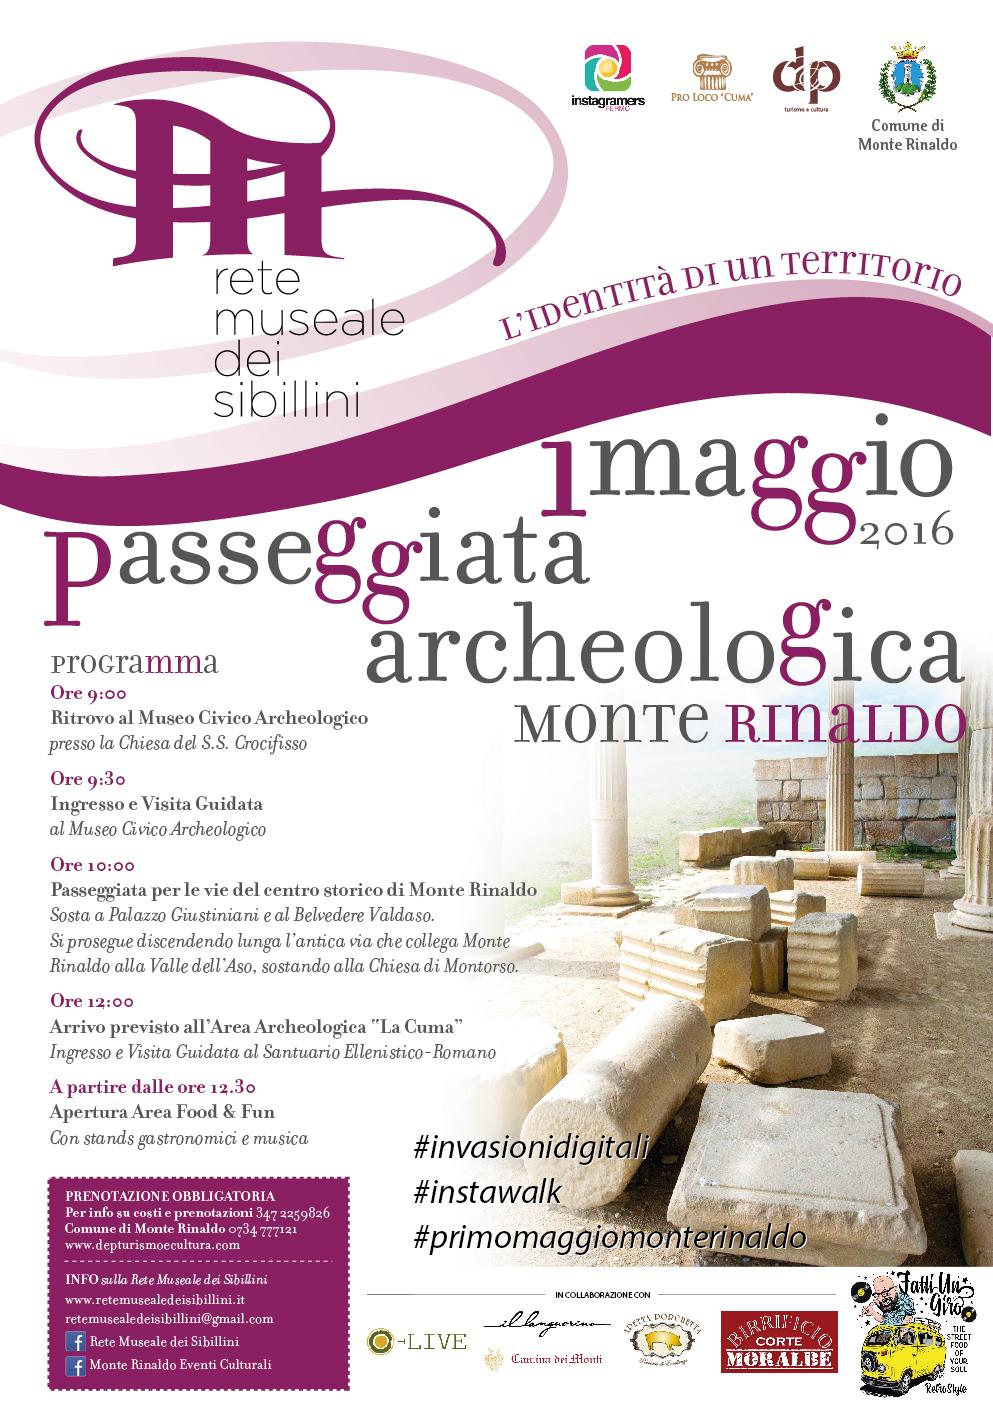 loc_passeggiata_archeologica_2016-01